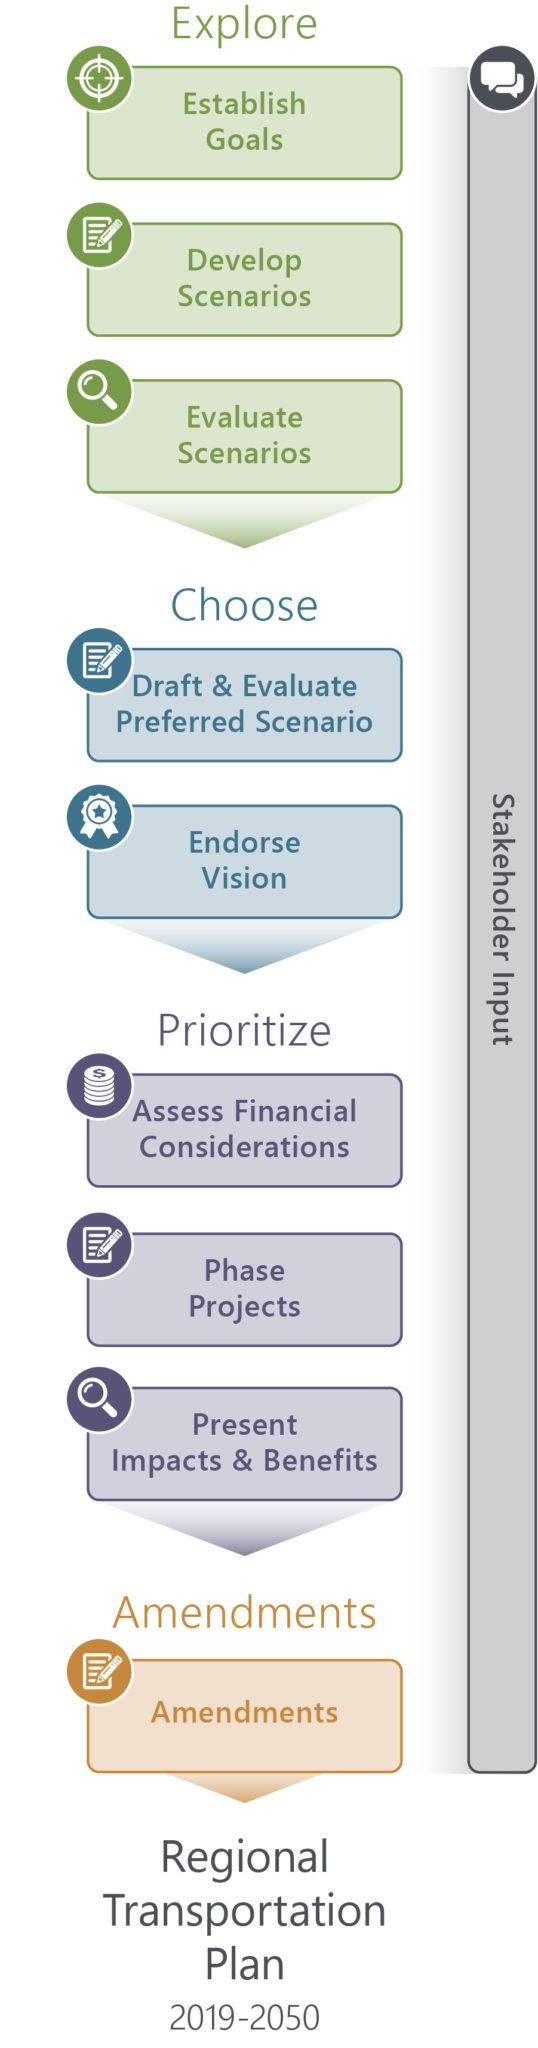 In-progress 2019-2050 RTP process graphic.